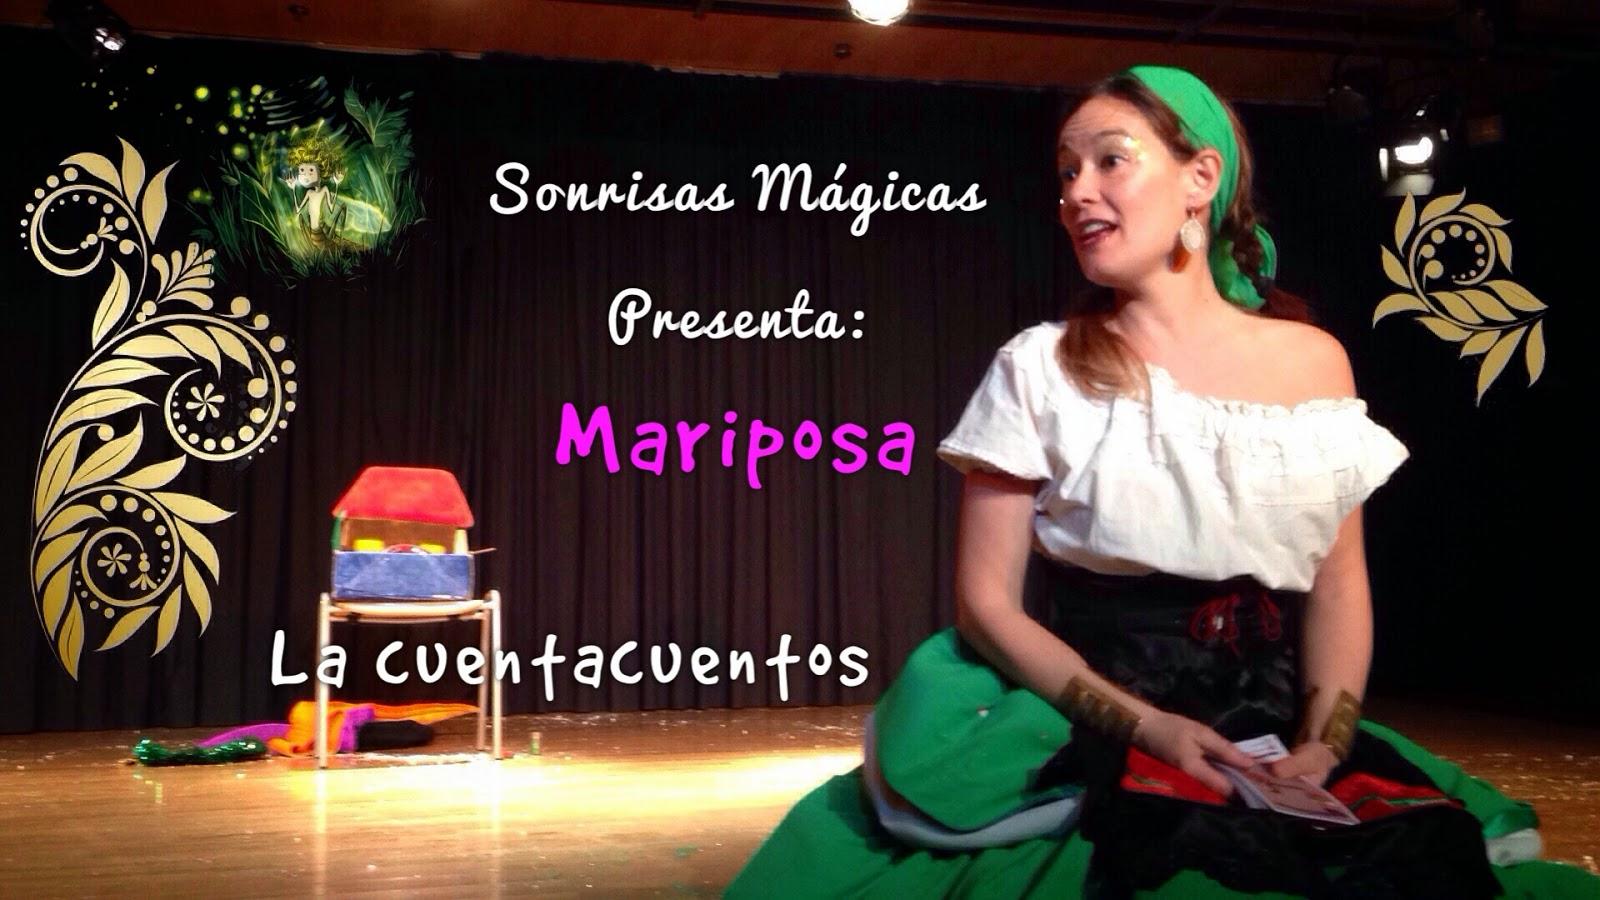 Cuenta cuentos Mariposa 23 de abril 18:00 C.C. Valdebernardo